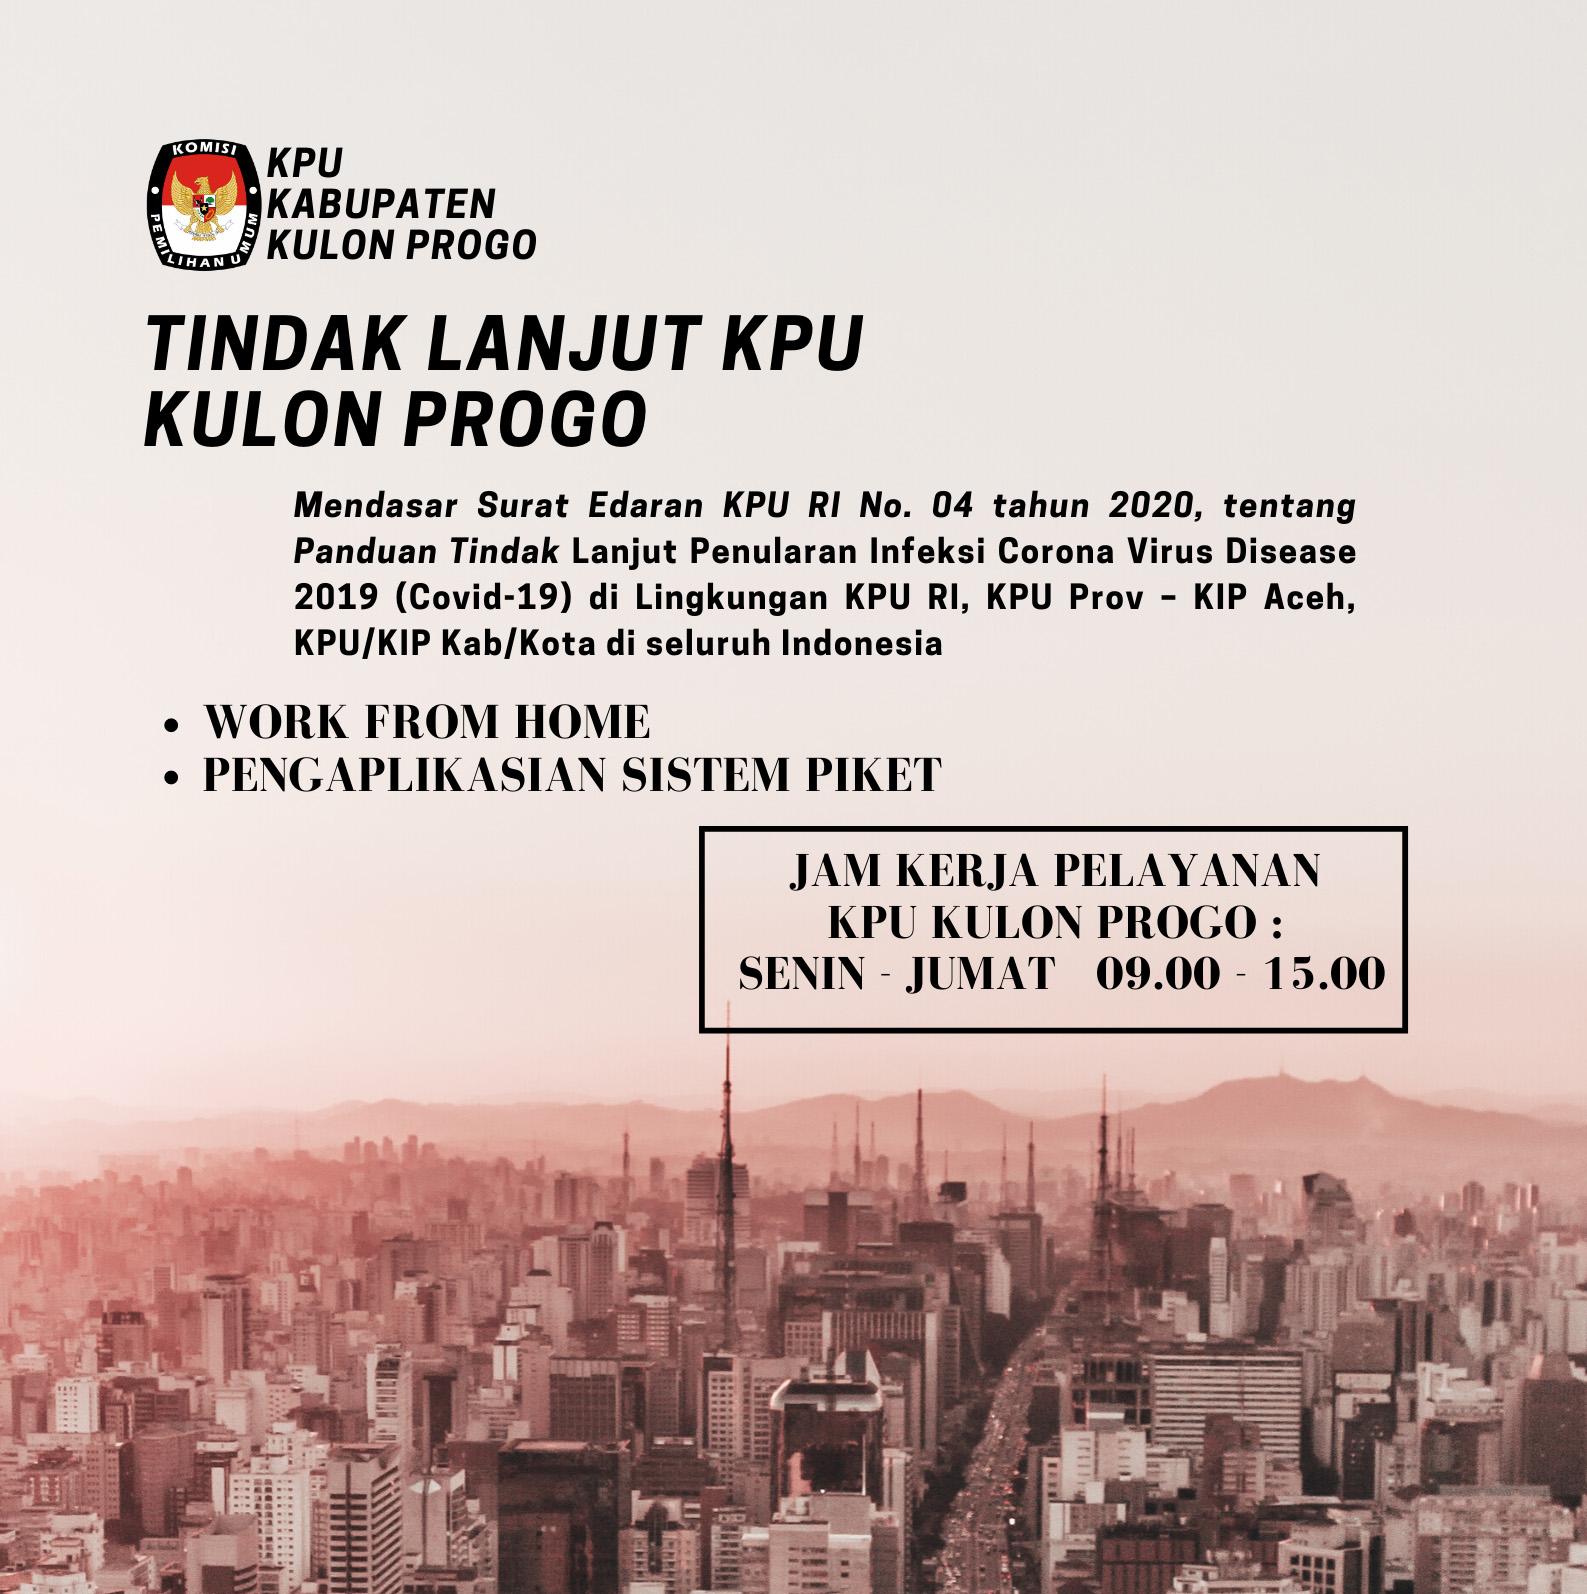 KPU Kulon Progo mulai mengaplikasian Sistem Piket dan WFH (Work From Home)